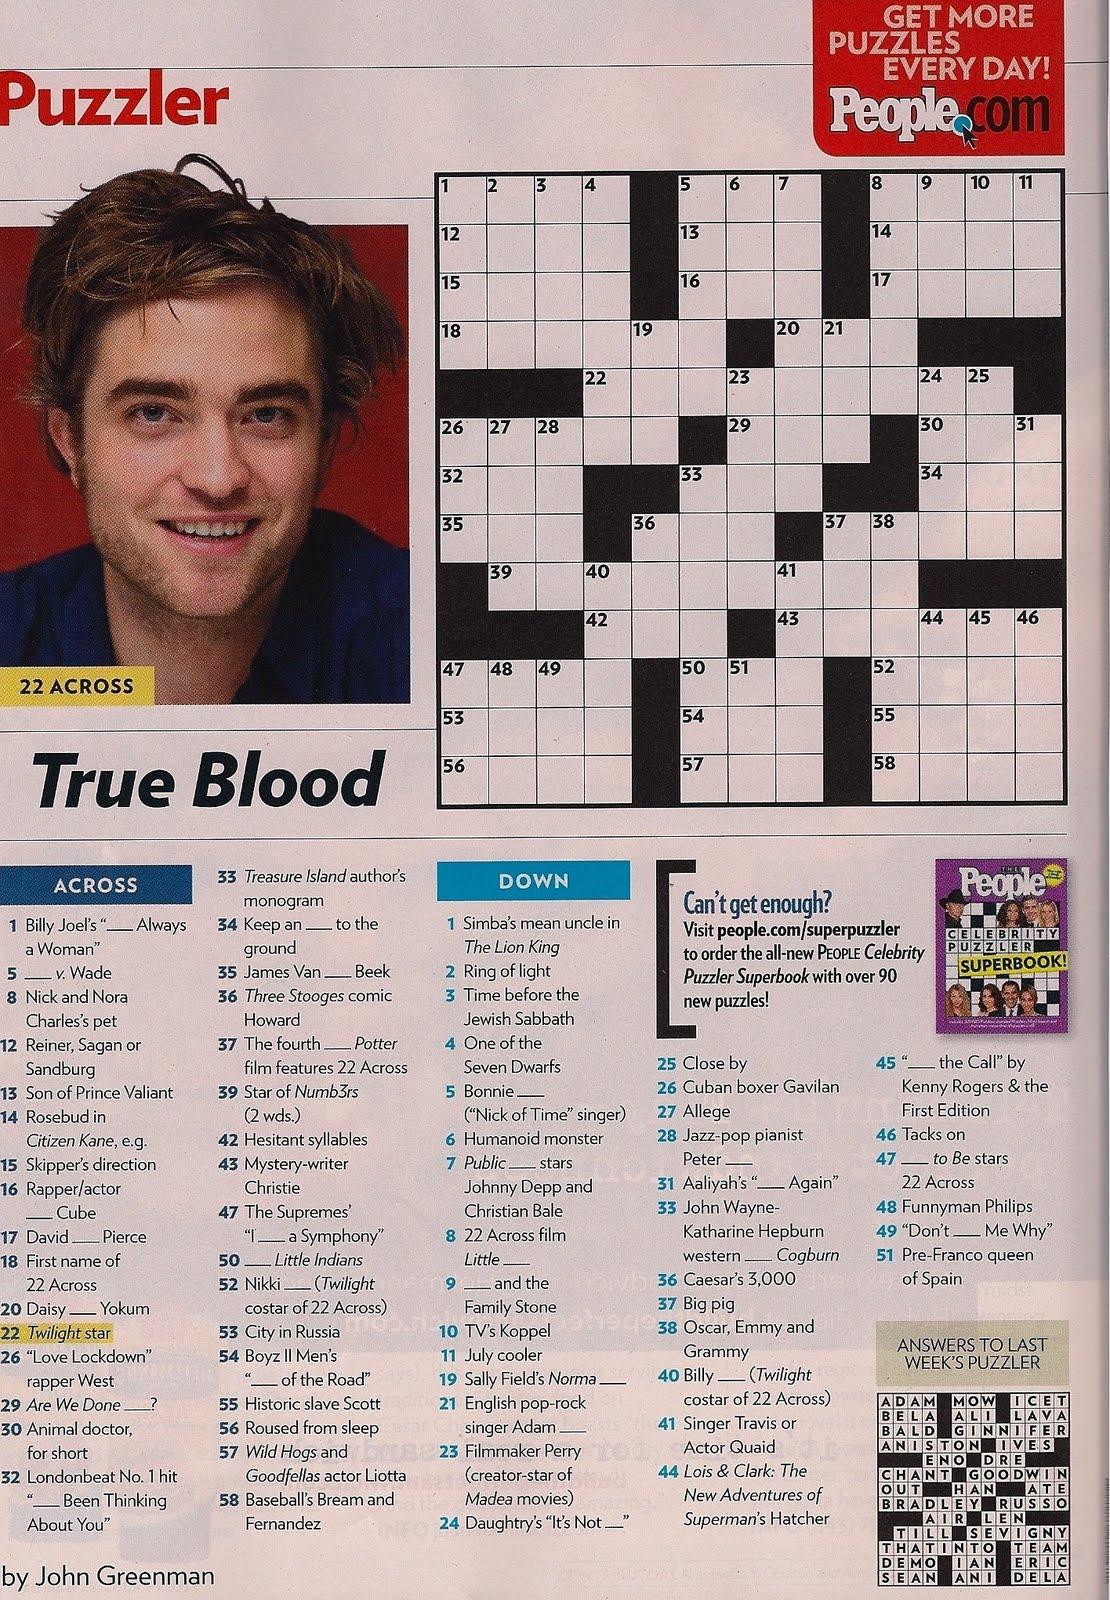 Easy Crossword Puzzles Online - Printable People Magazine Crossword Puzzles